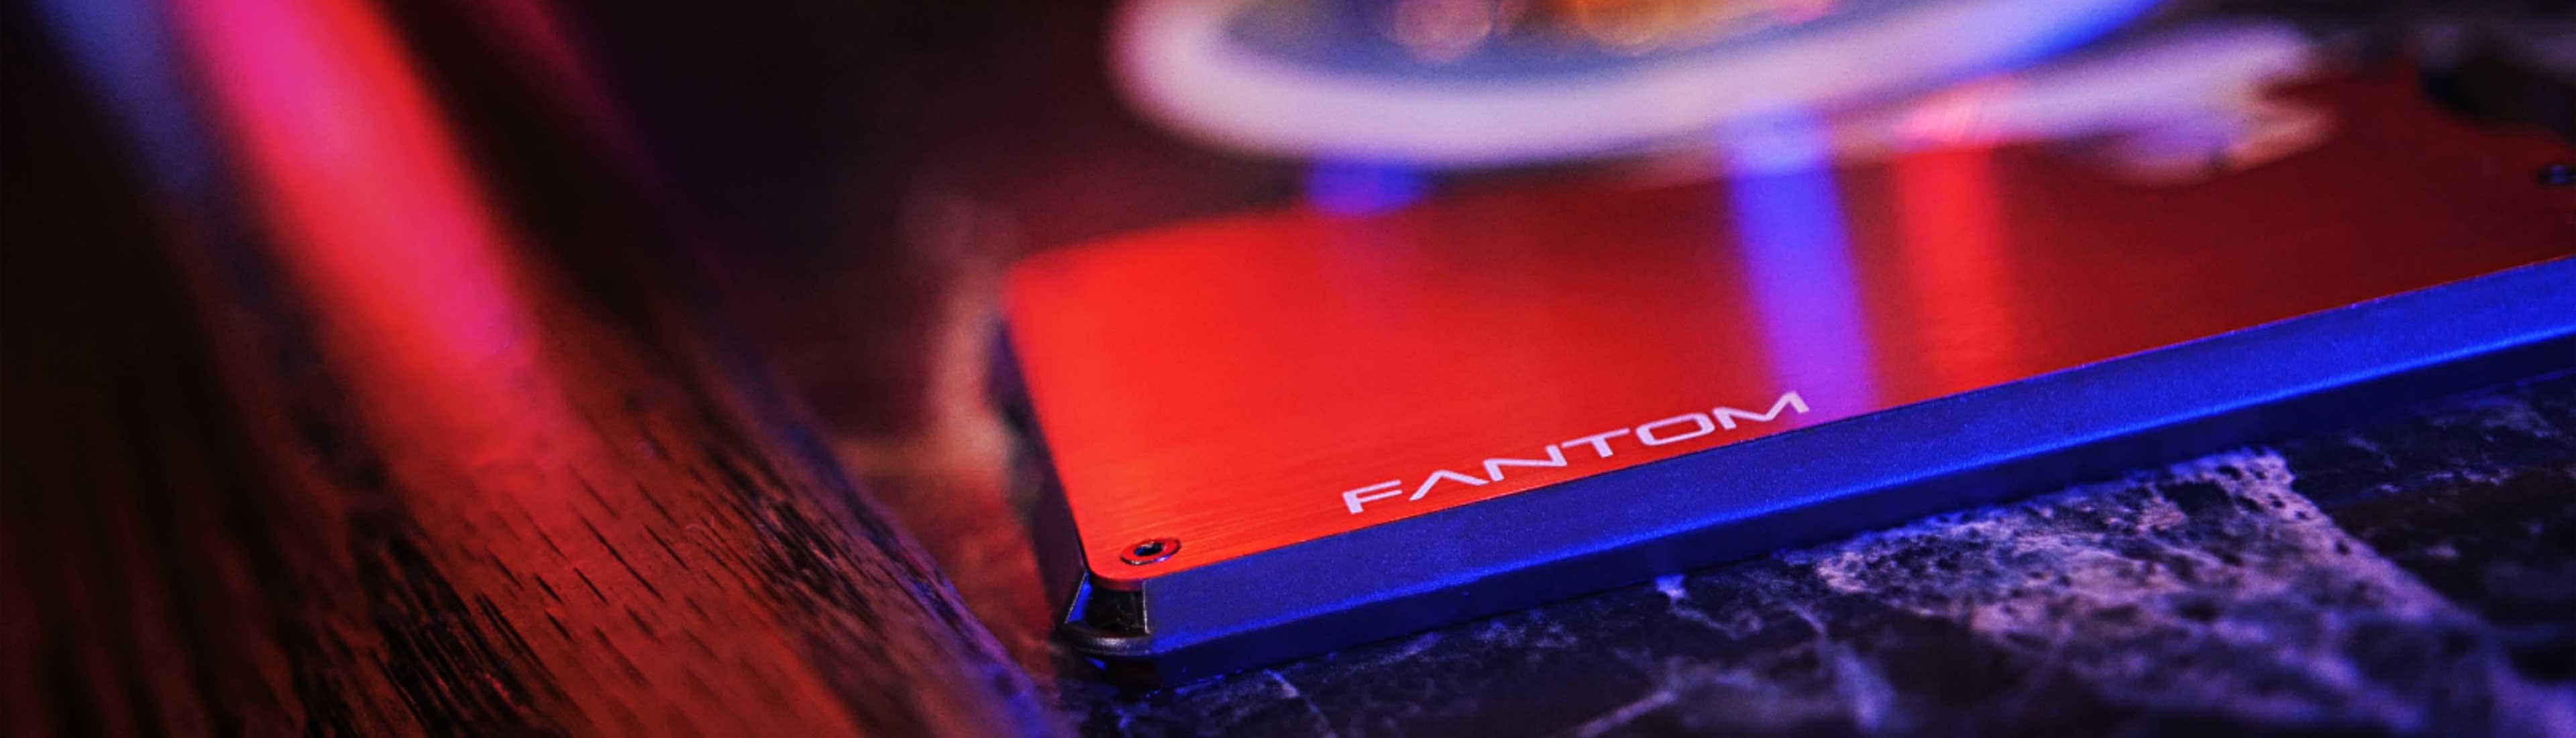 fantom-review